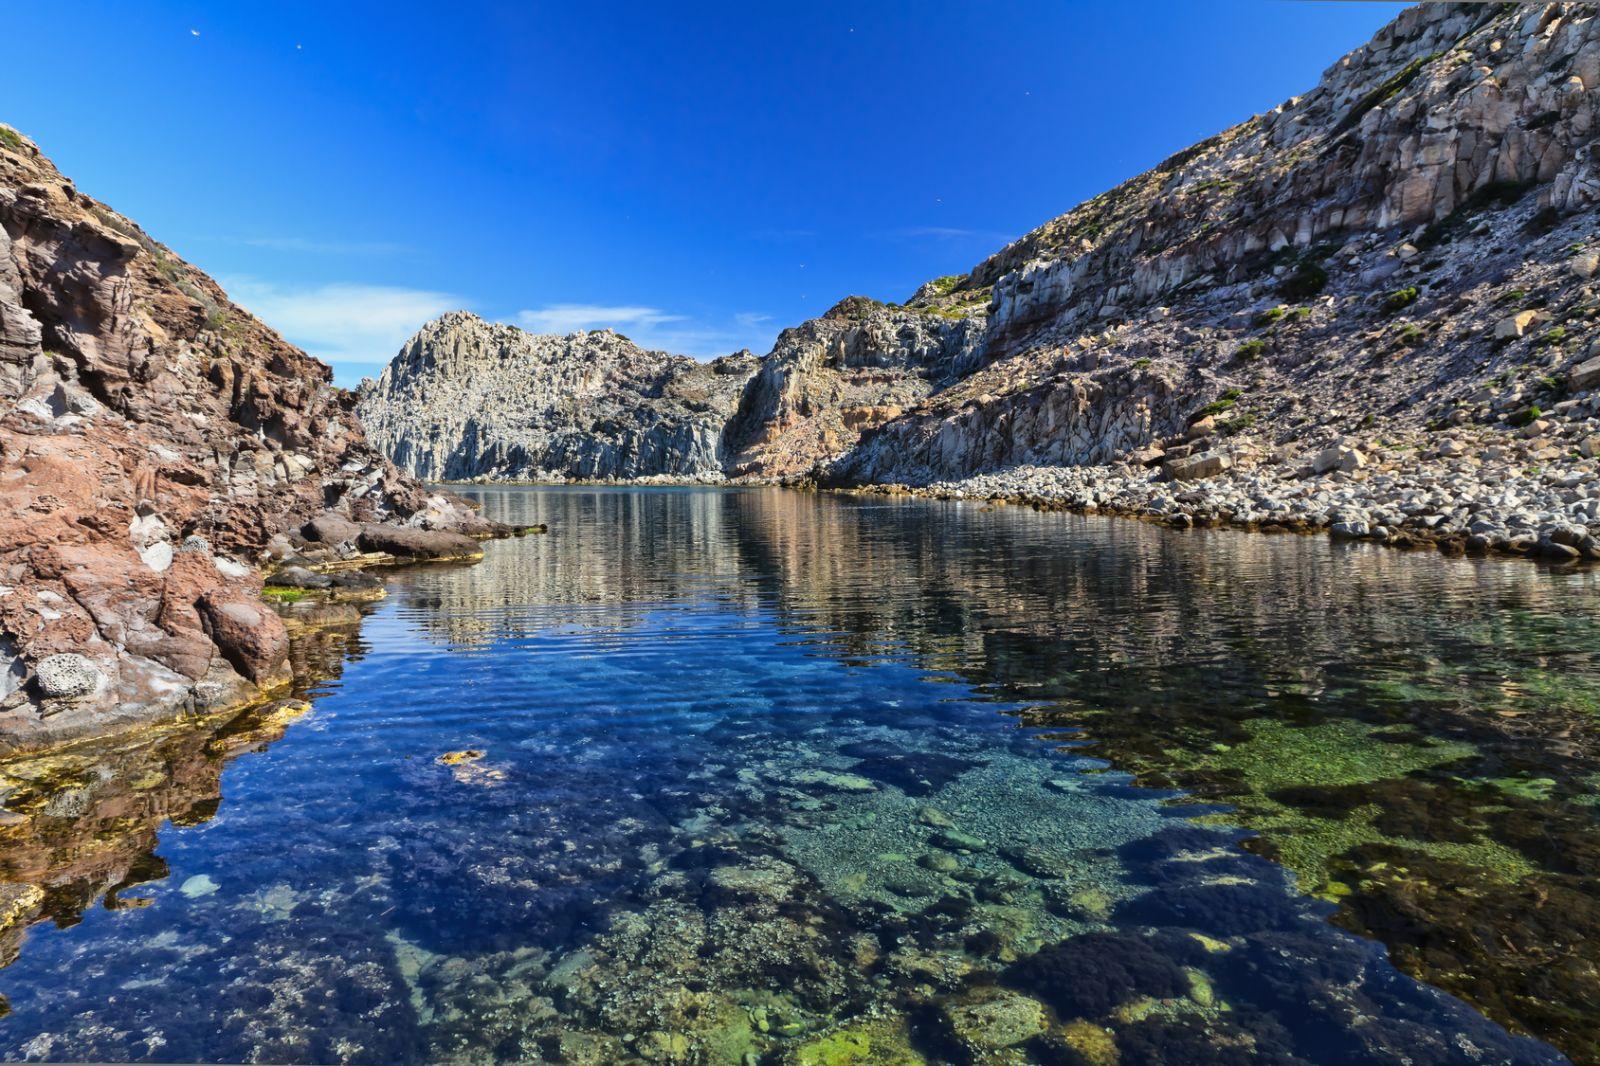 Hier gibt es auch fjordartige Windungen und Grotten. ©Antonio Scarpi/Fotolia